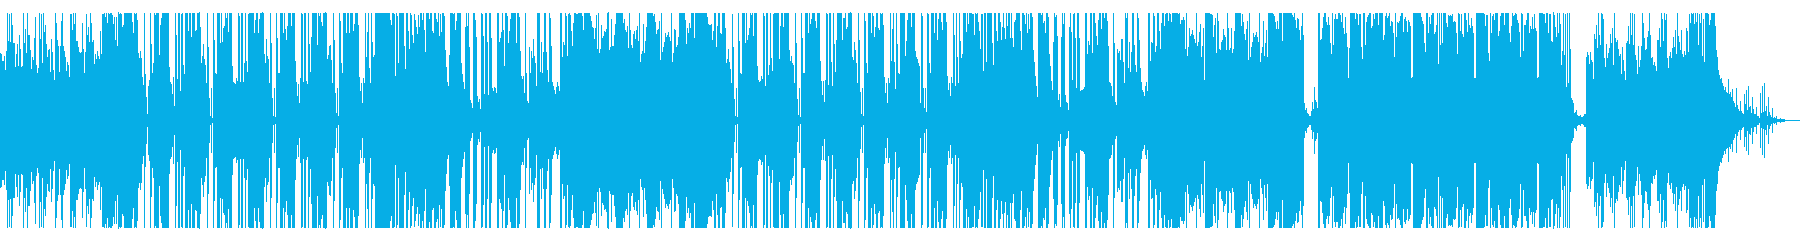 くるみ割り人形/ダウンテンポ/トラップの再生済みの波形